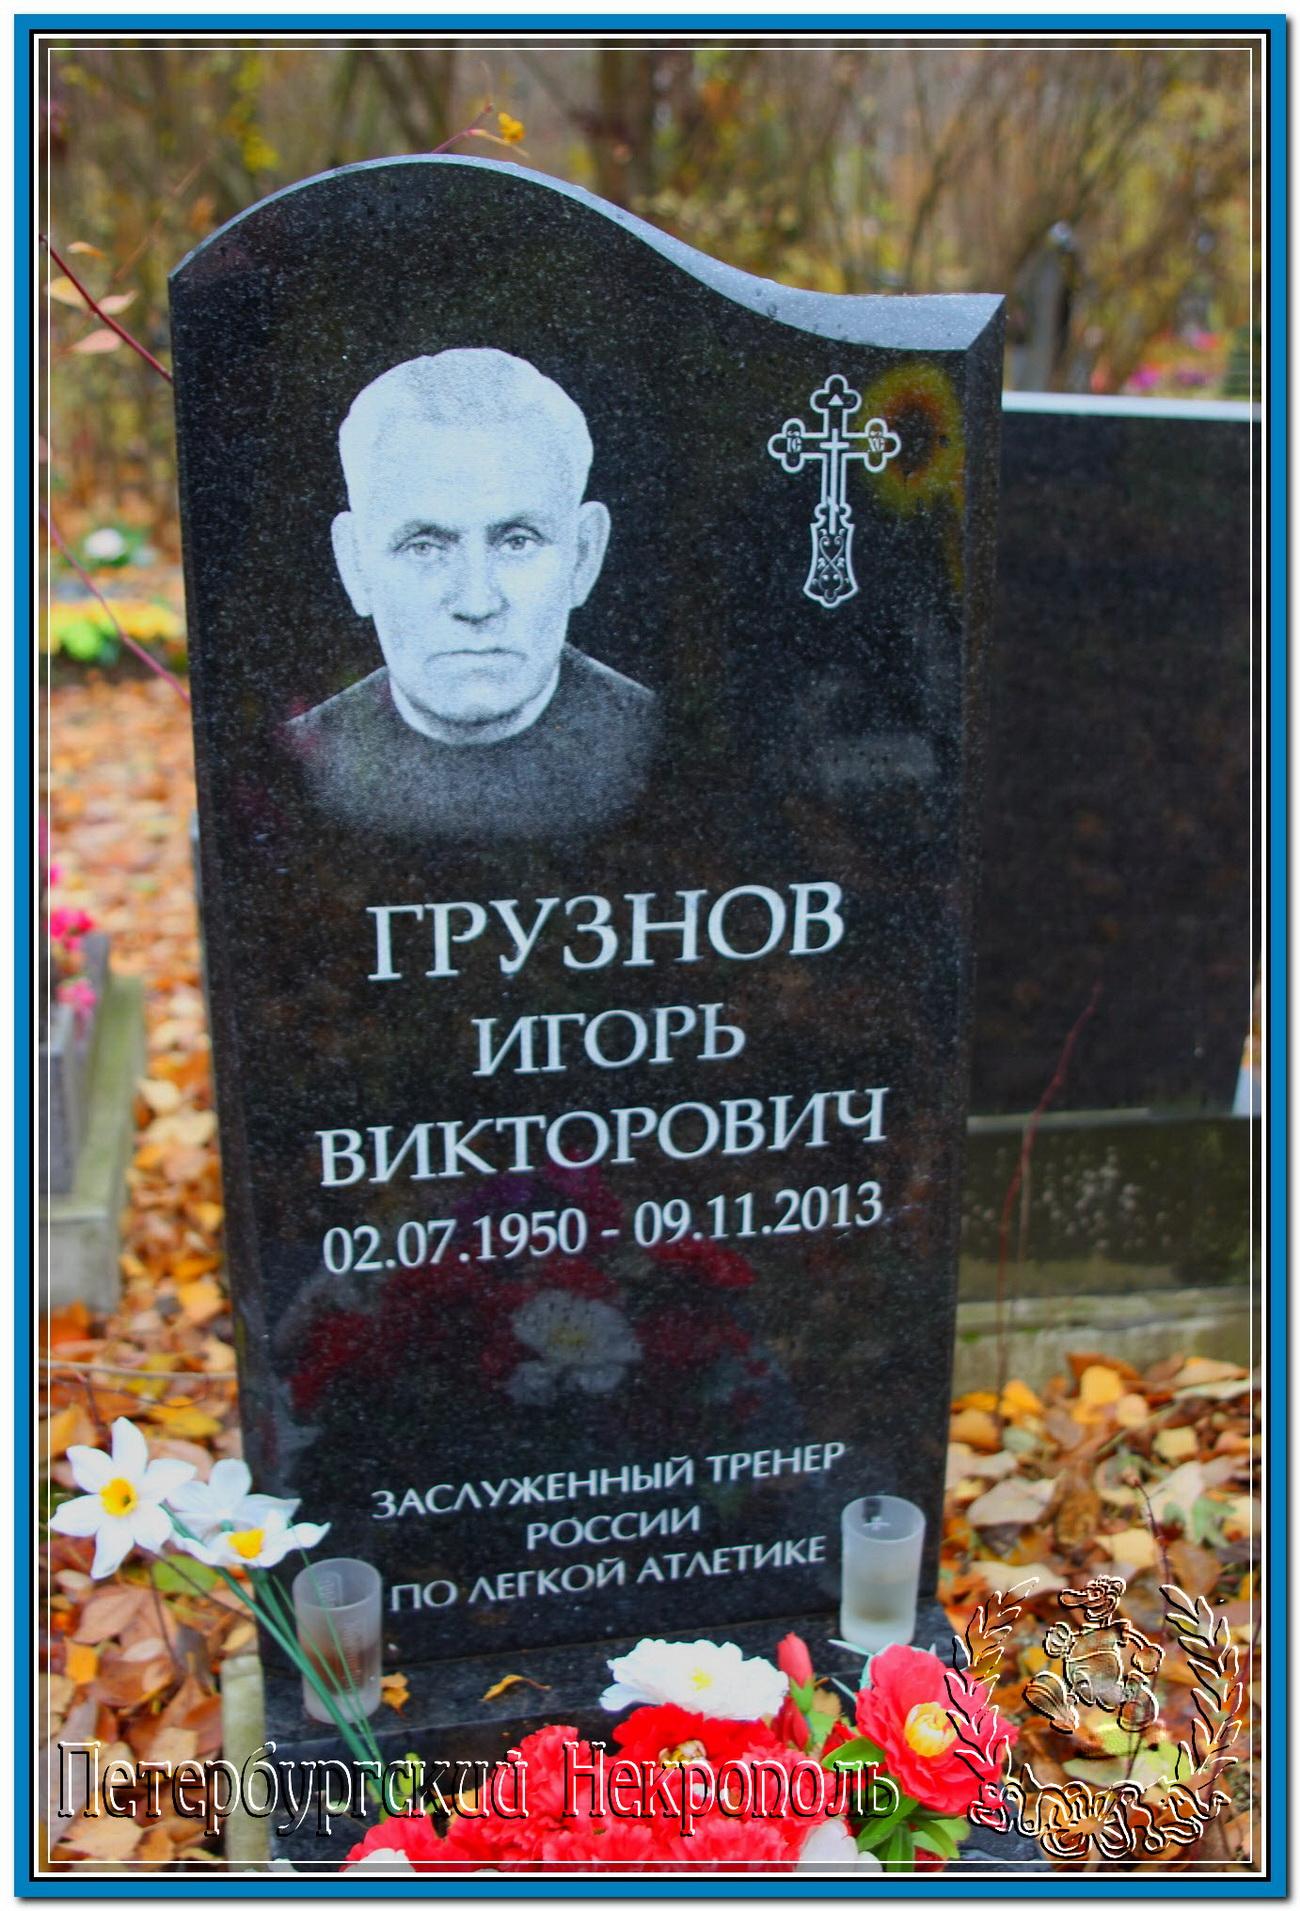 © Грузнов Игорь Викторович